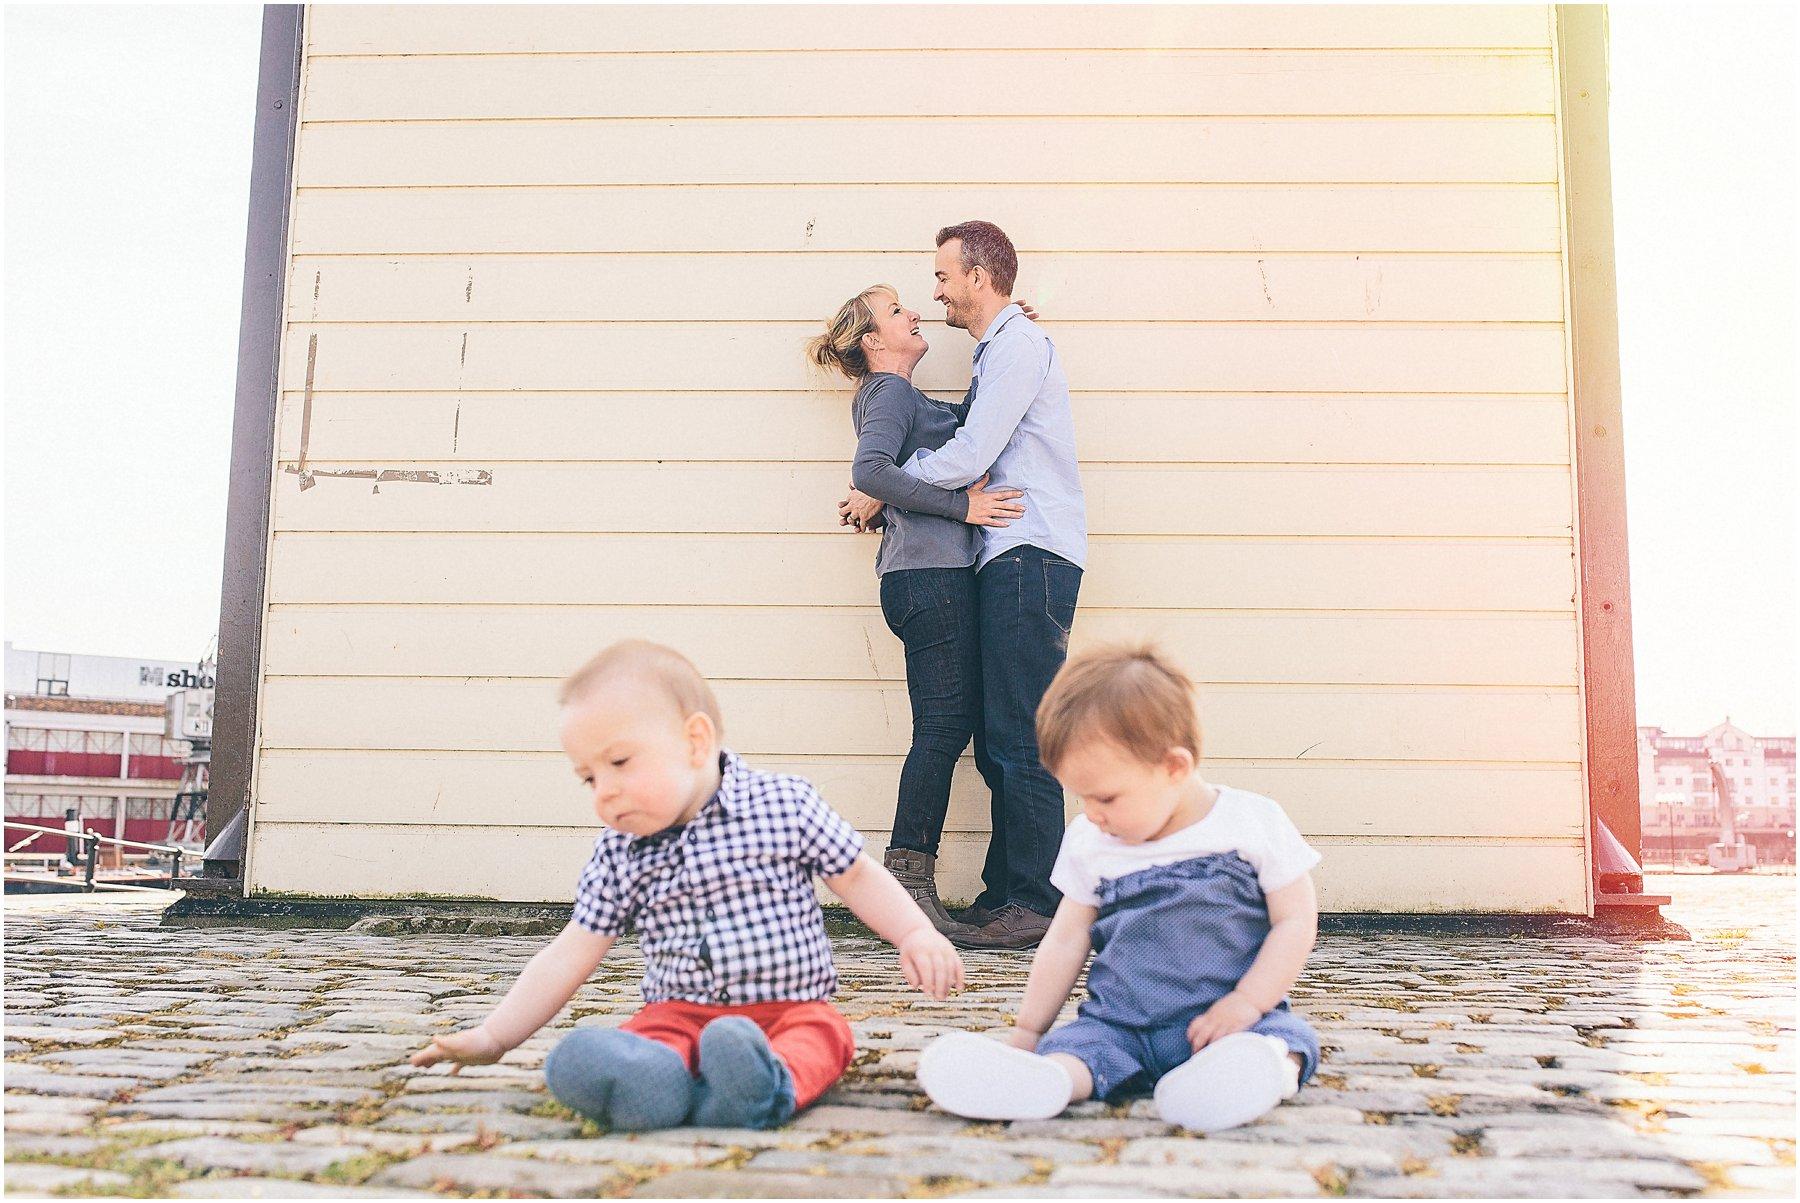 Bristol_Family_Photo_Shoot_0005